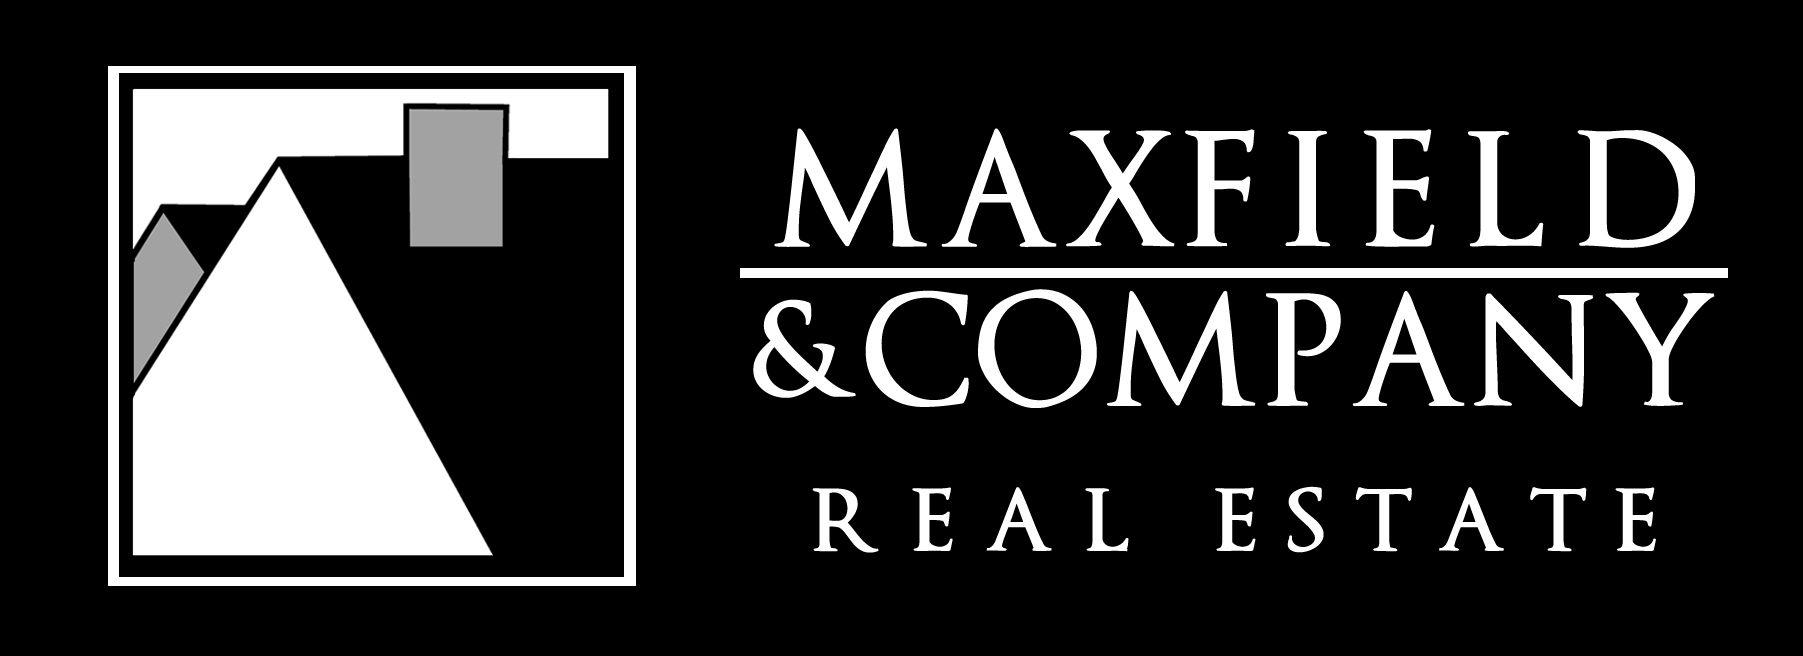 Maxfield & Company Real Estate